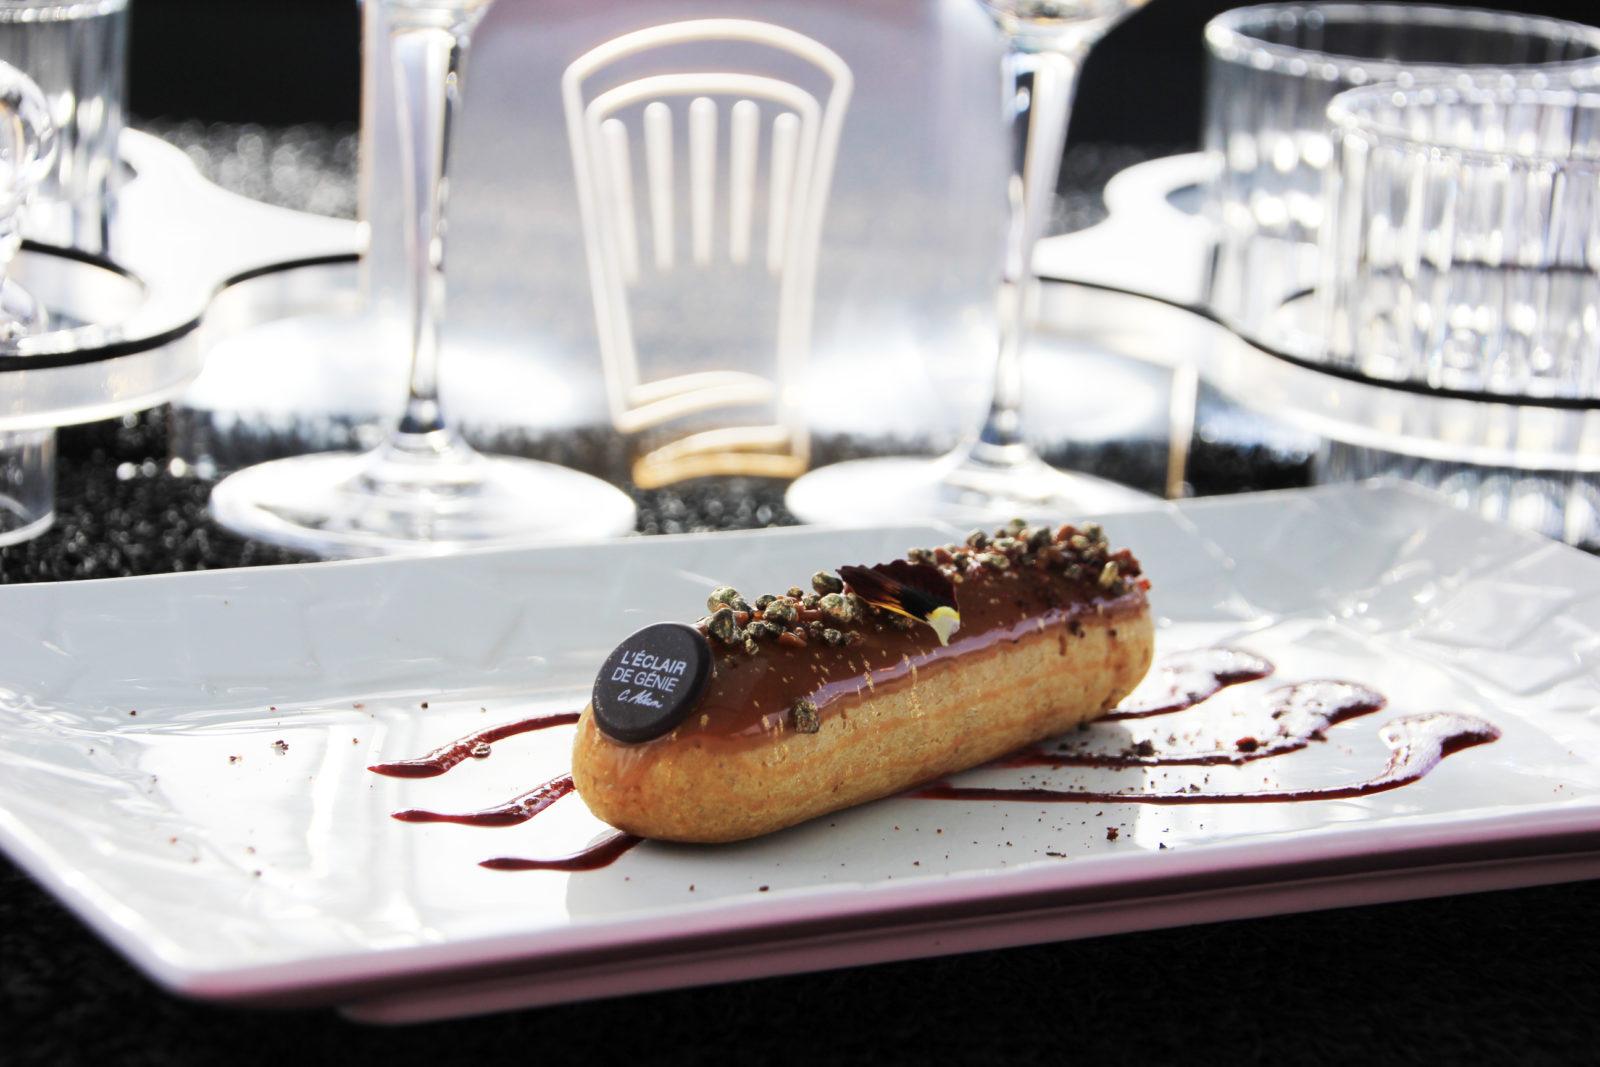 Bus-Toqué_paris_traveltours_restaurant_Éclairde-Génie-e1517249636814